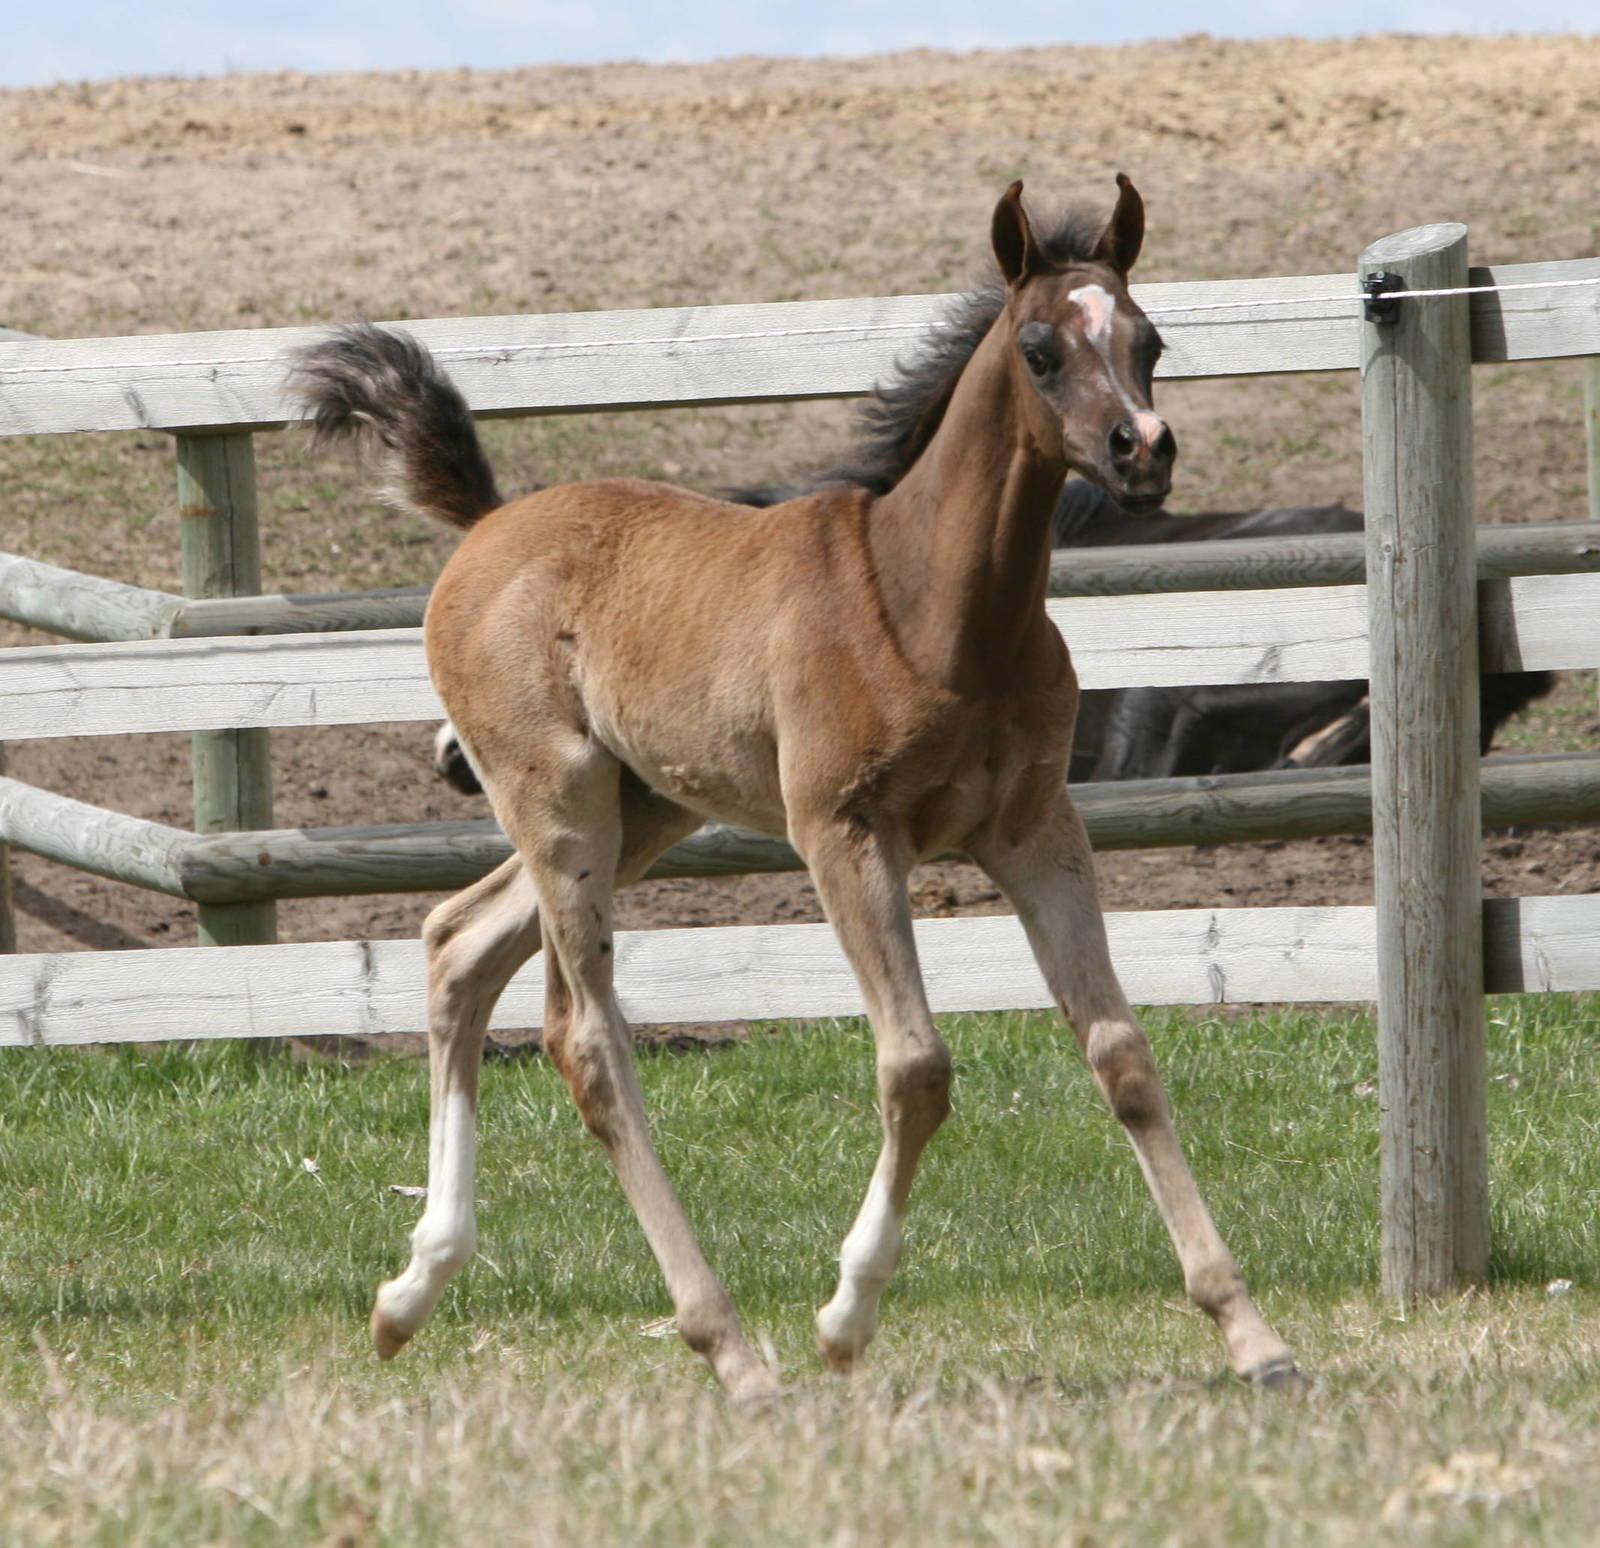 Age 4 weeks